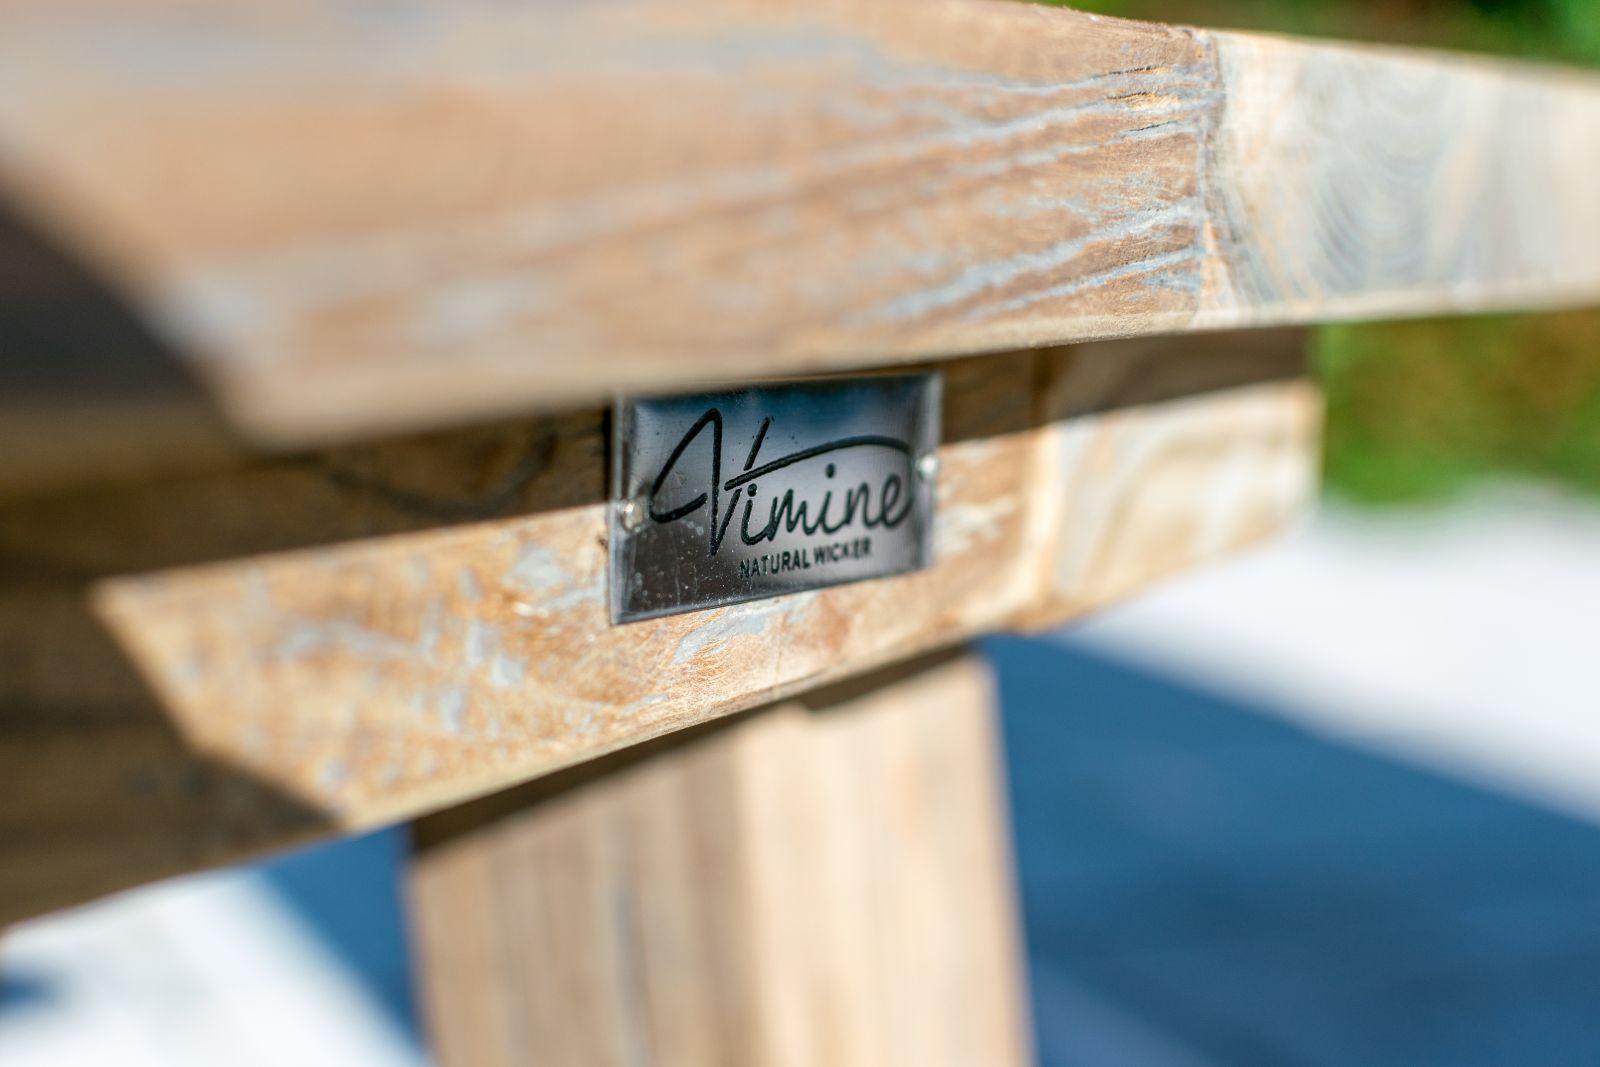 6e60443474fbc Vimine Natural Wicker® je exkluzivní značka, která nabízí nábytek a  zahradní doplňky z neloupaného ratanu a teaku. Najdete zde ručně vyráběný  nábytek z ...